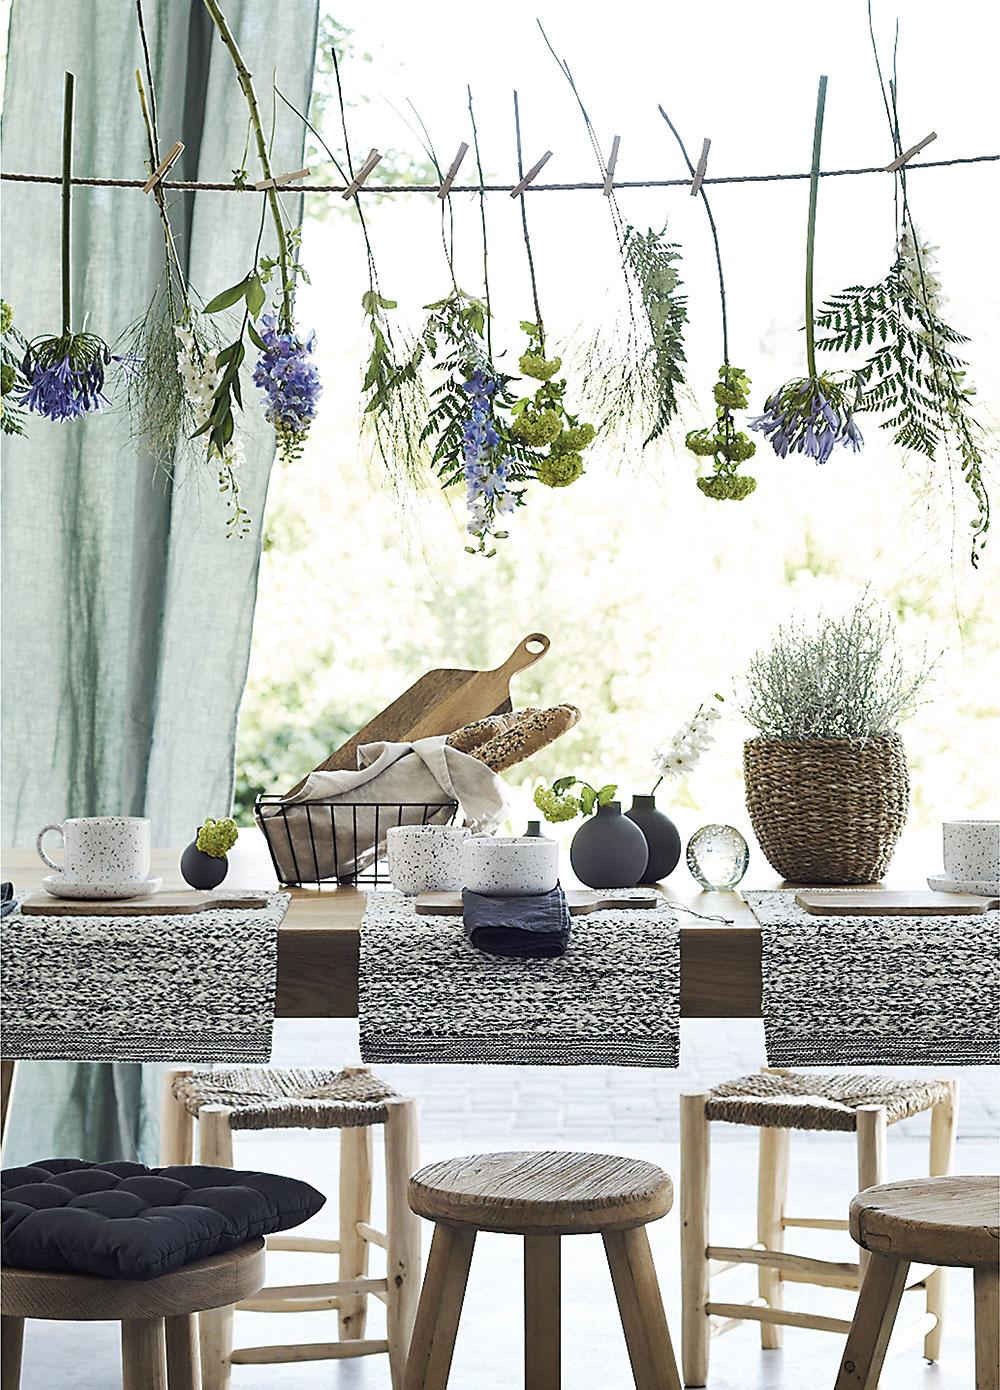 Kvetiny nad hlavou. Vidiecky štýl nemá v aranžovaní takmer žiadne pravidlá, napríklad, stačí natrhať pár kvetov zo záhrady a prištipcovať ich na špagát. Možno použiť aj tradičné bylinky. FOTO H&M